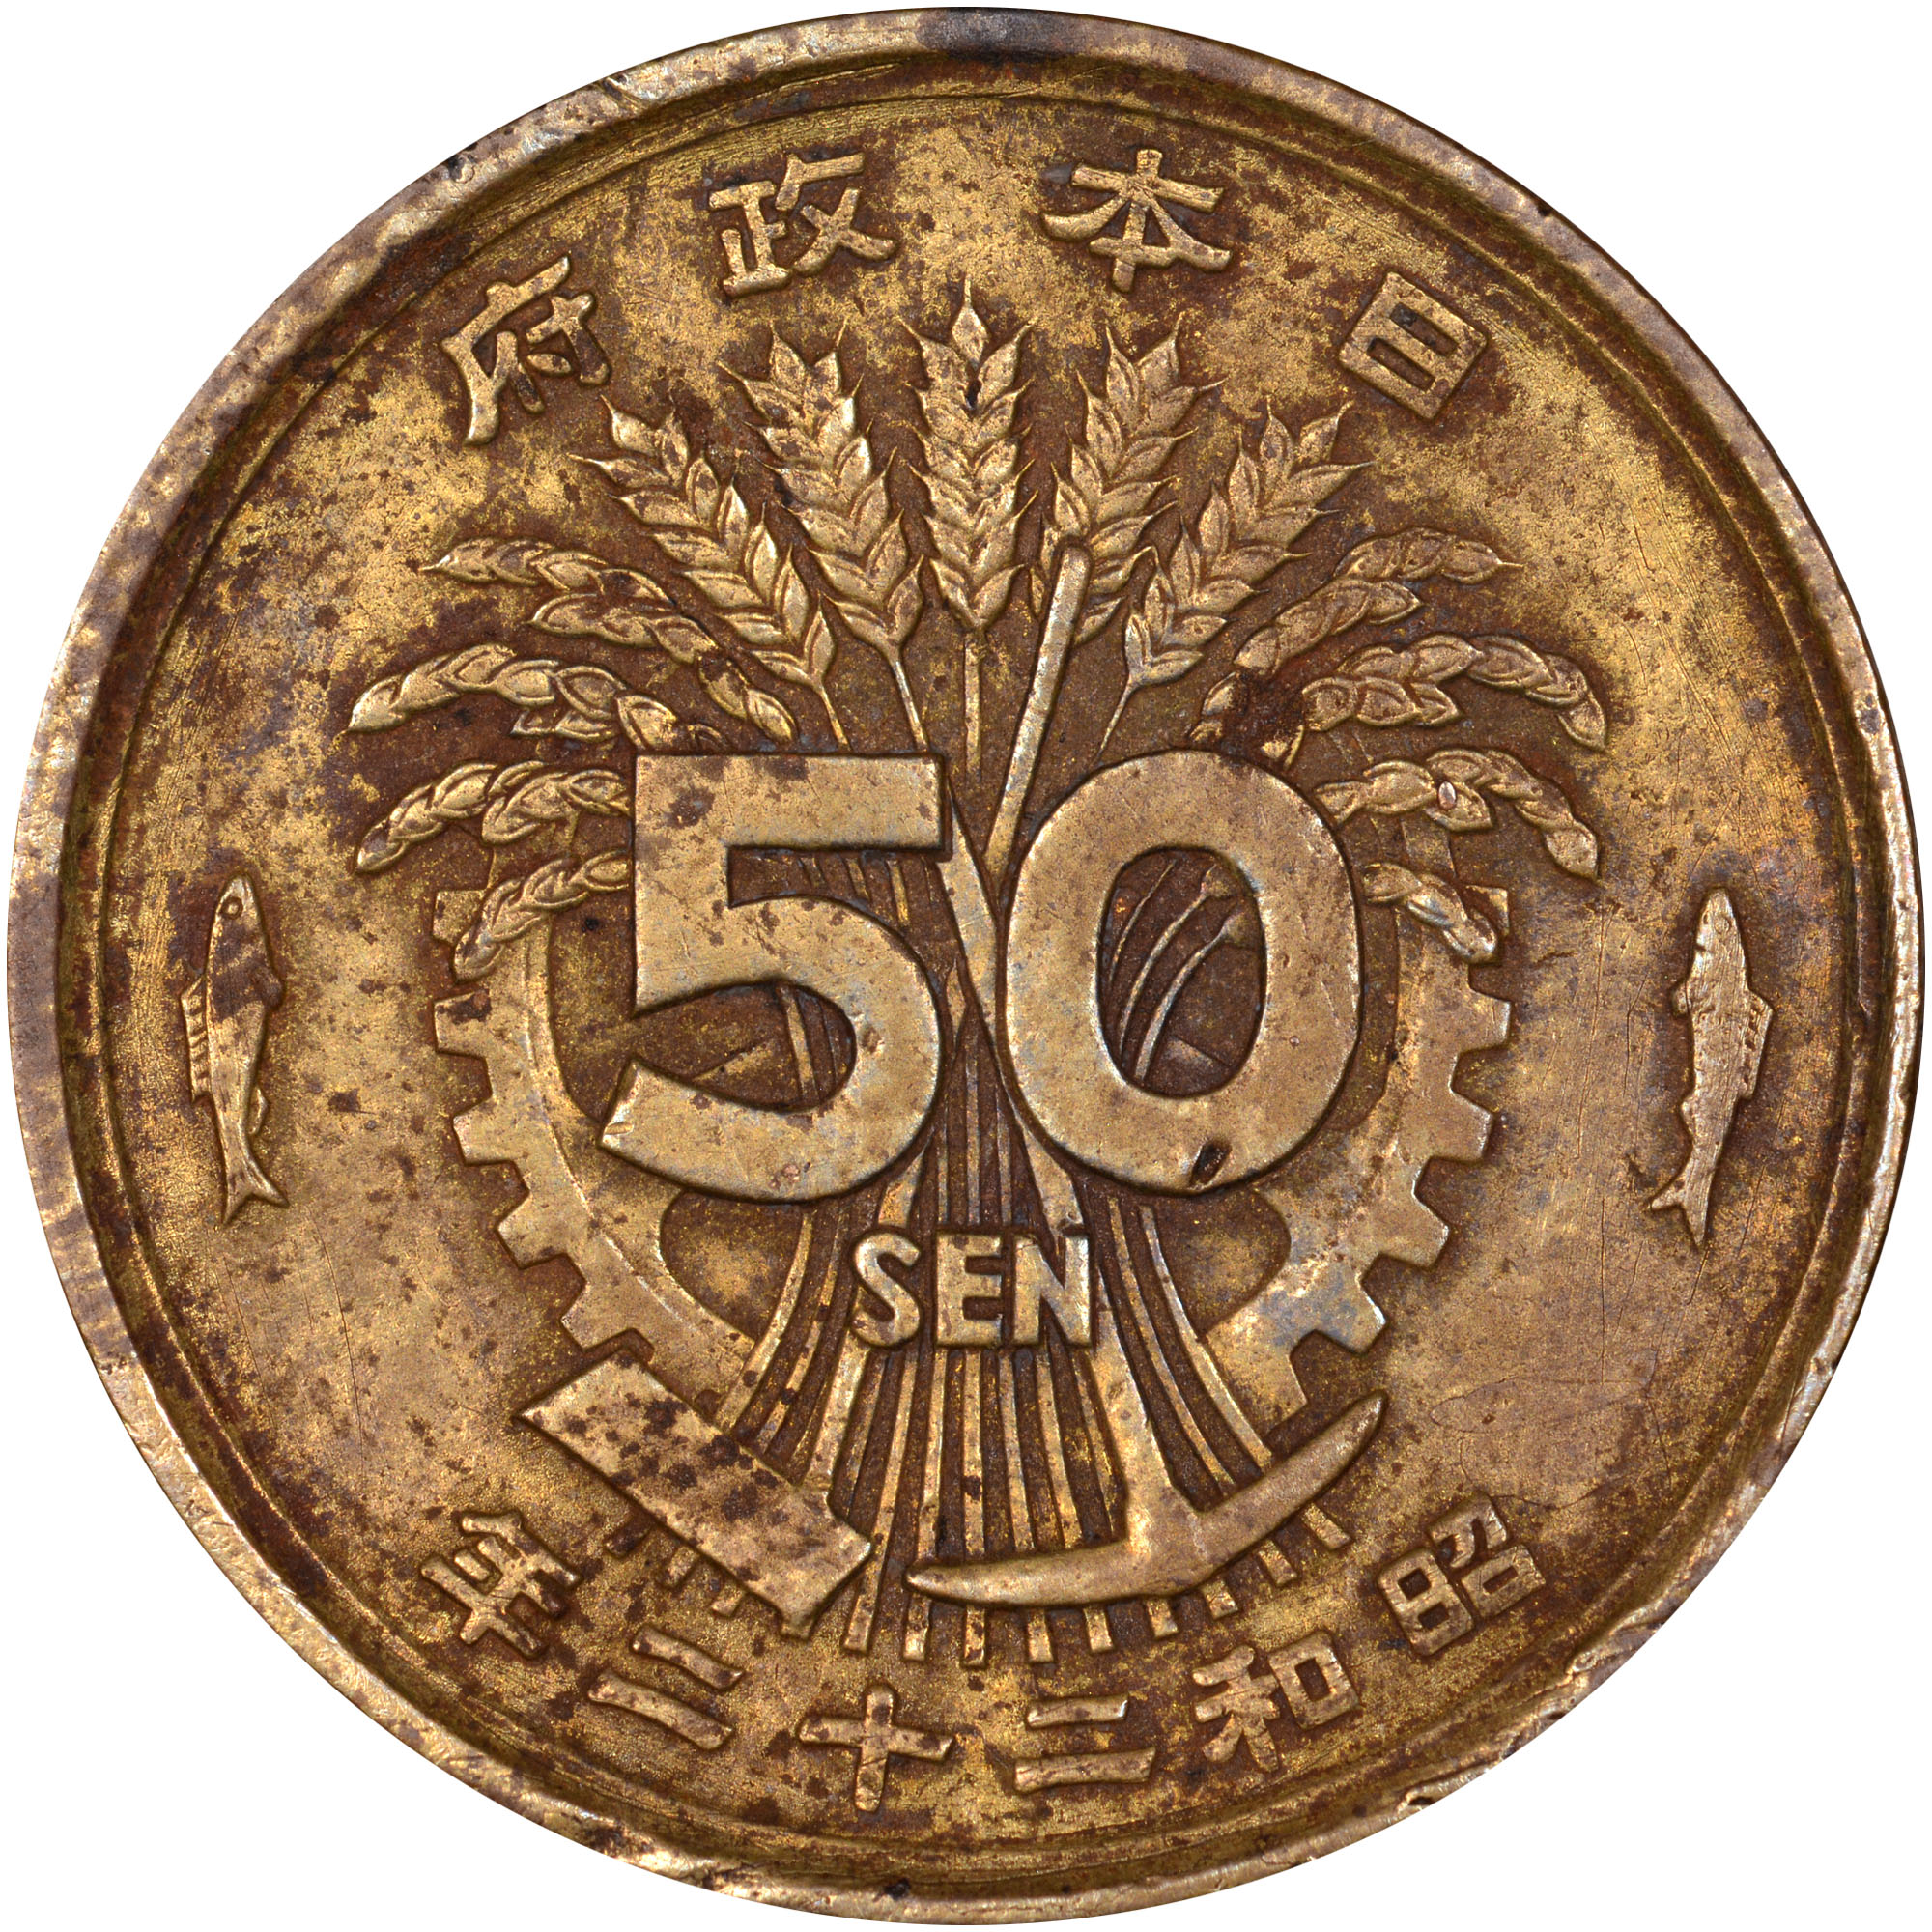 Japan 50 Sen obverse